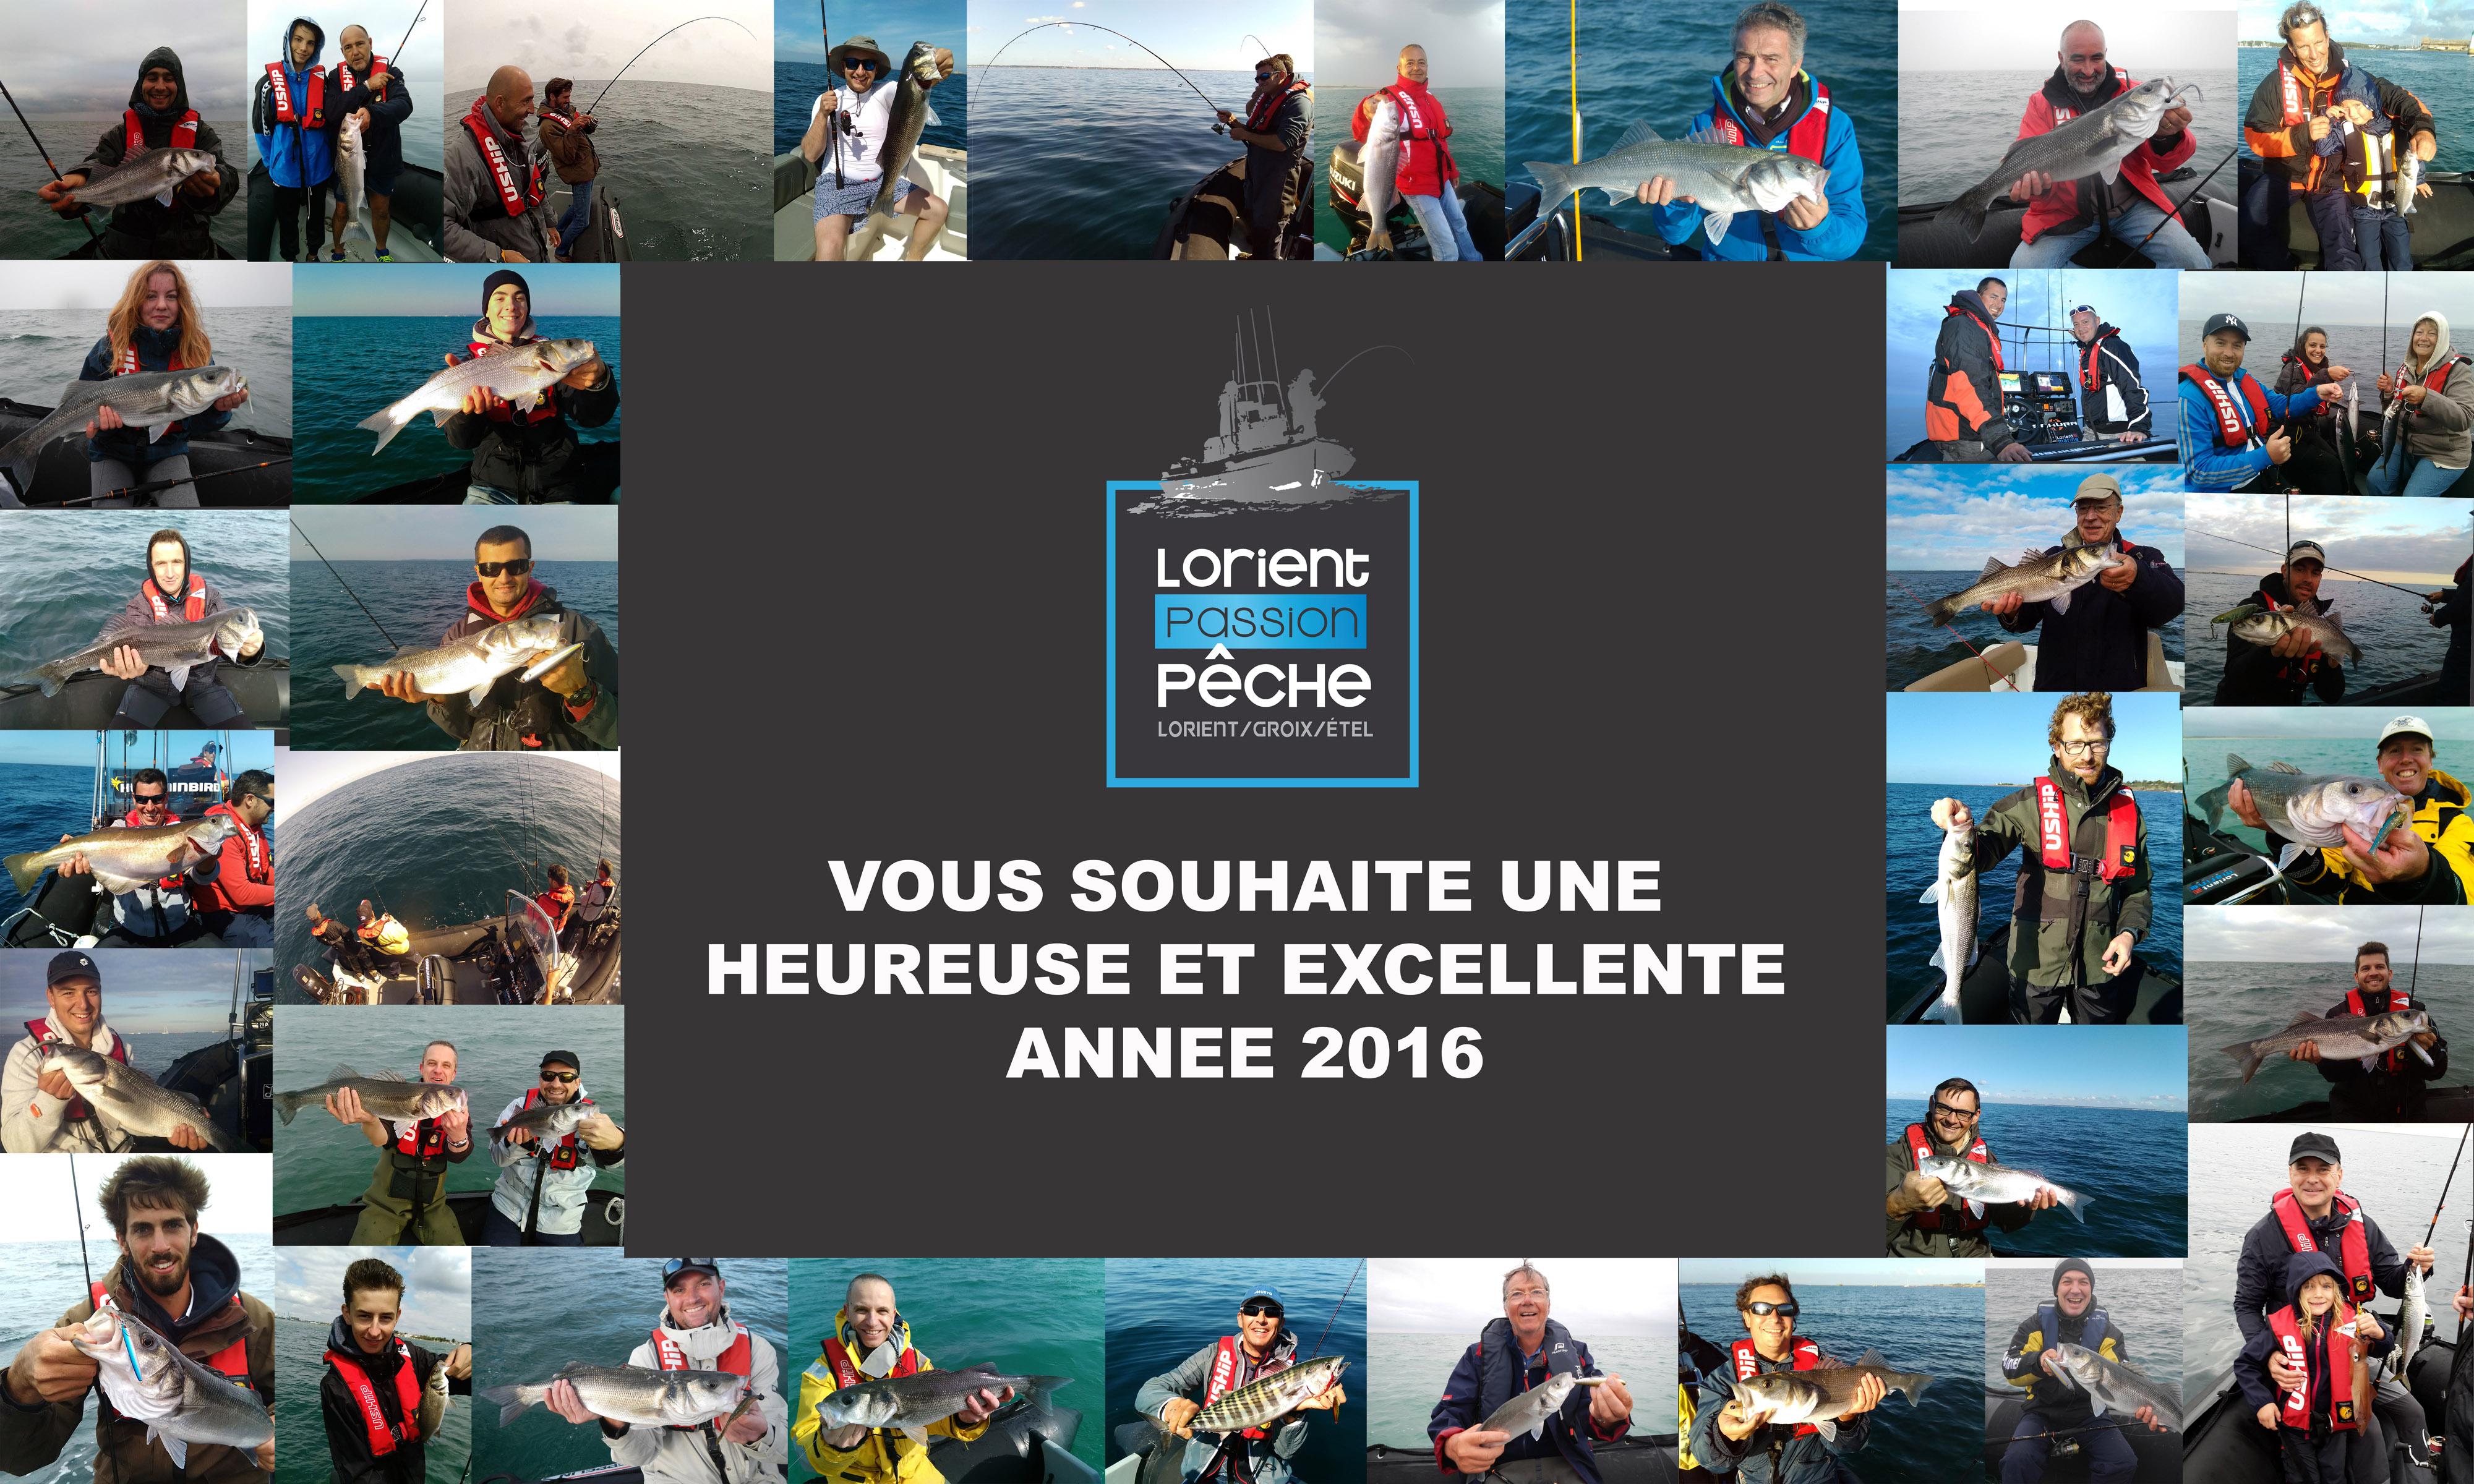 Meilleurs voeux 2016 lorient passion p che moniteur for Meilleur moniteur 2016